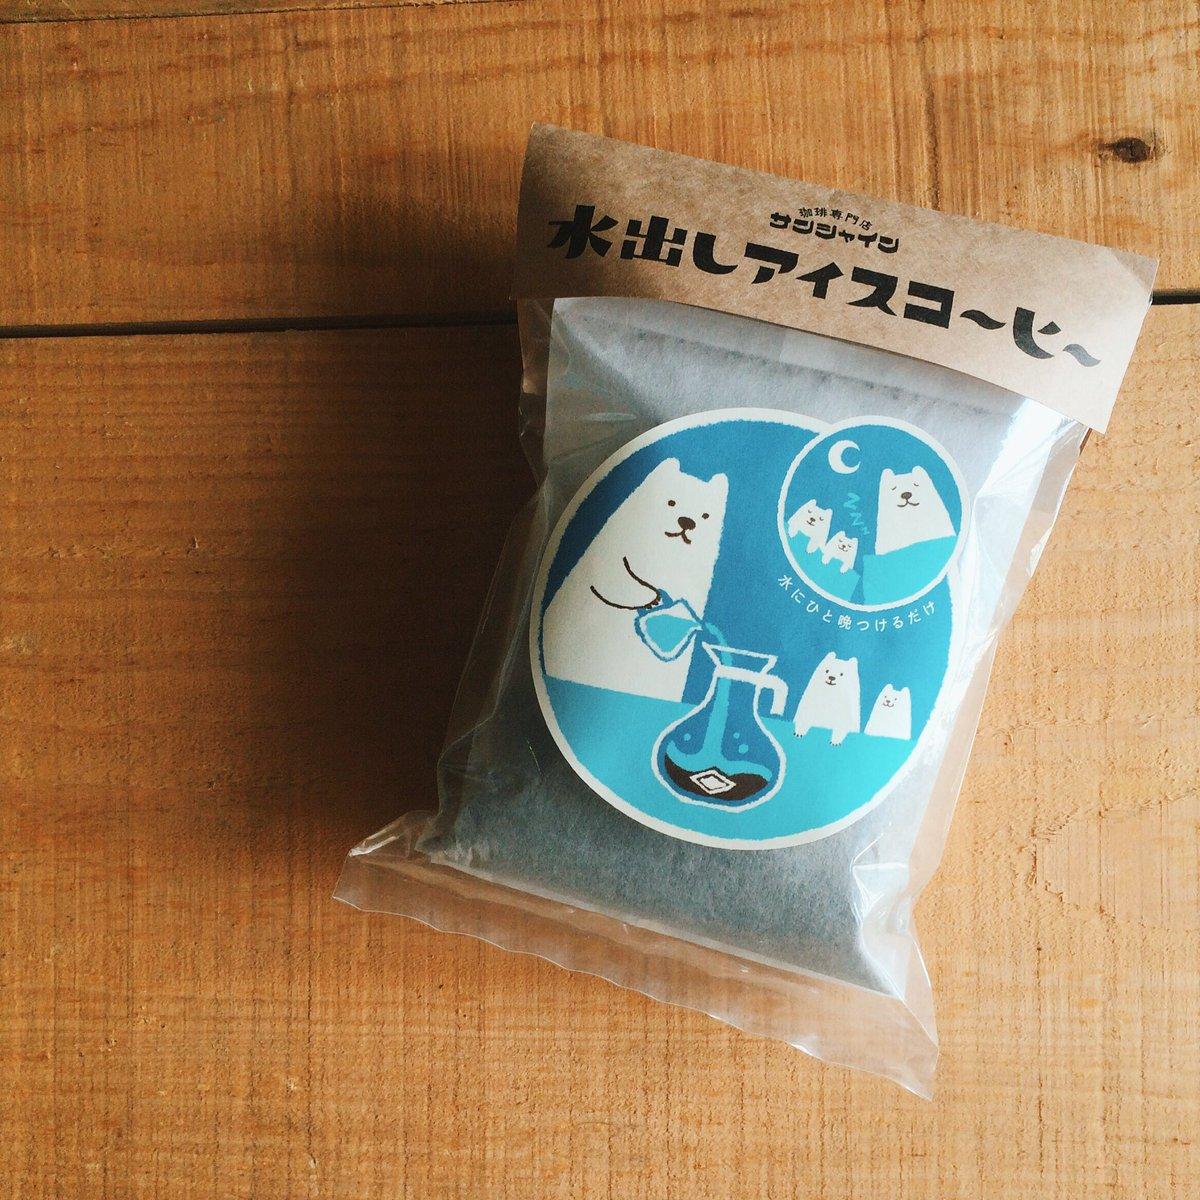 大学の先輩の実家かつ東梅田の名店・喫茶サンシャインの水出しアイスコーヒー、パックを一晩水につけとくだけでめちゃおいしい。パッケージデザインしました https://t.co/GgrEyBS7LM